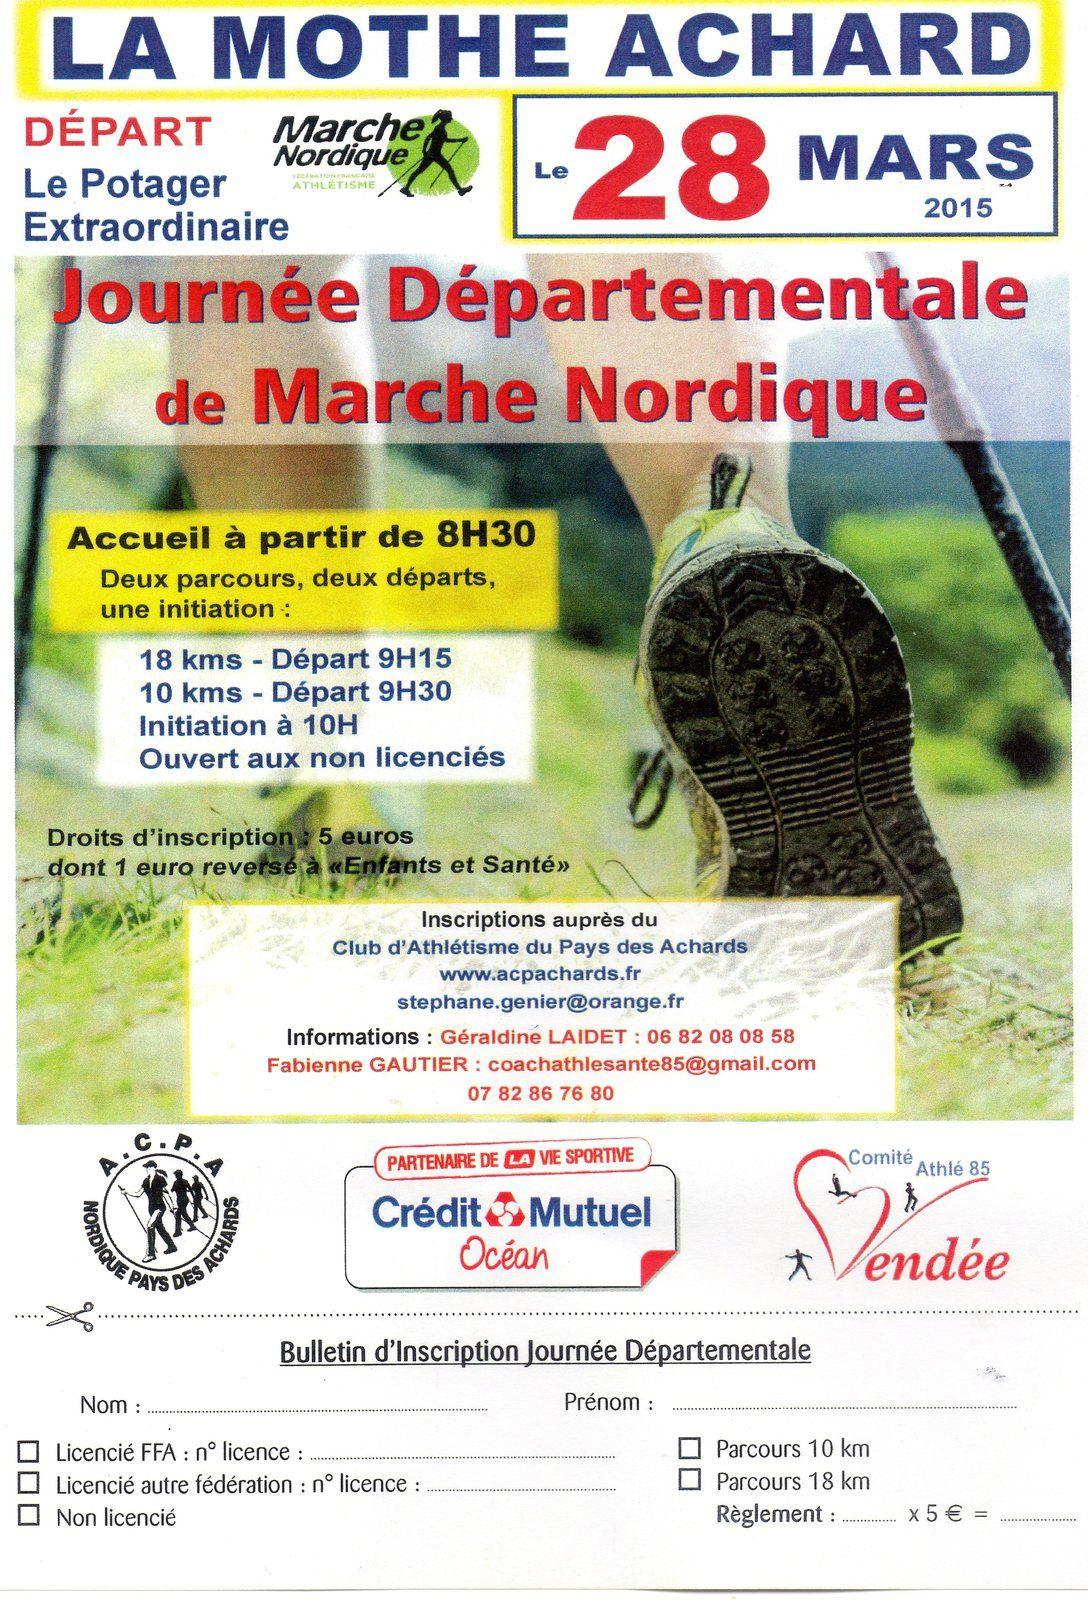 Journée départementale de marche nordique à La Mothe Achard